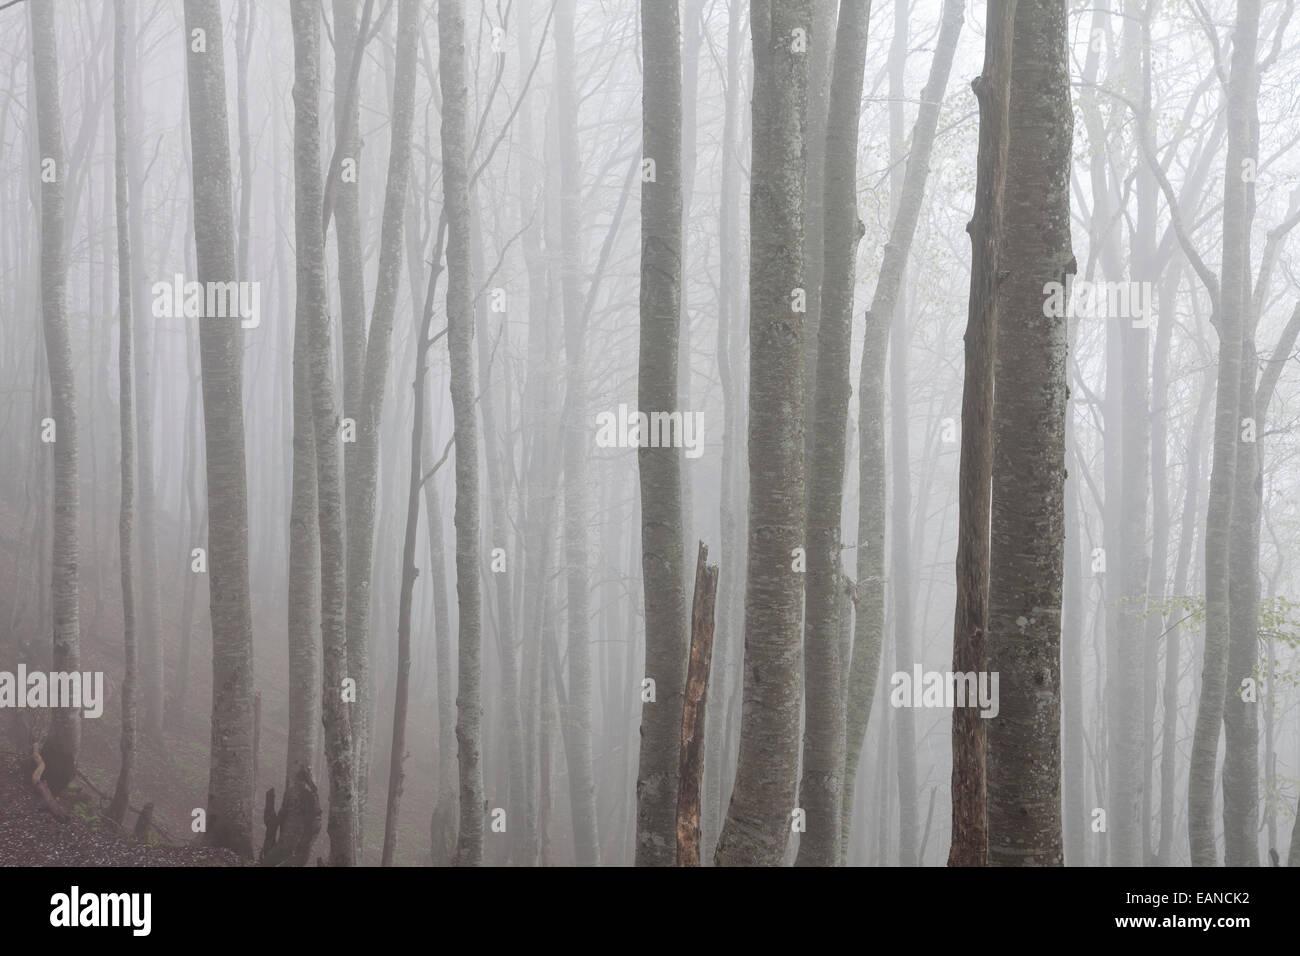 Natural park of Le Chartreuse, Savoie, Rhône-Alpes, France - Stock Image